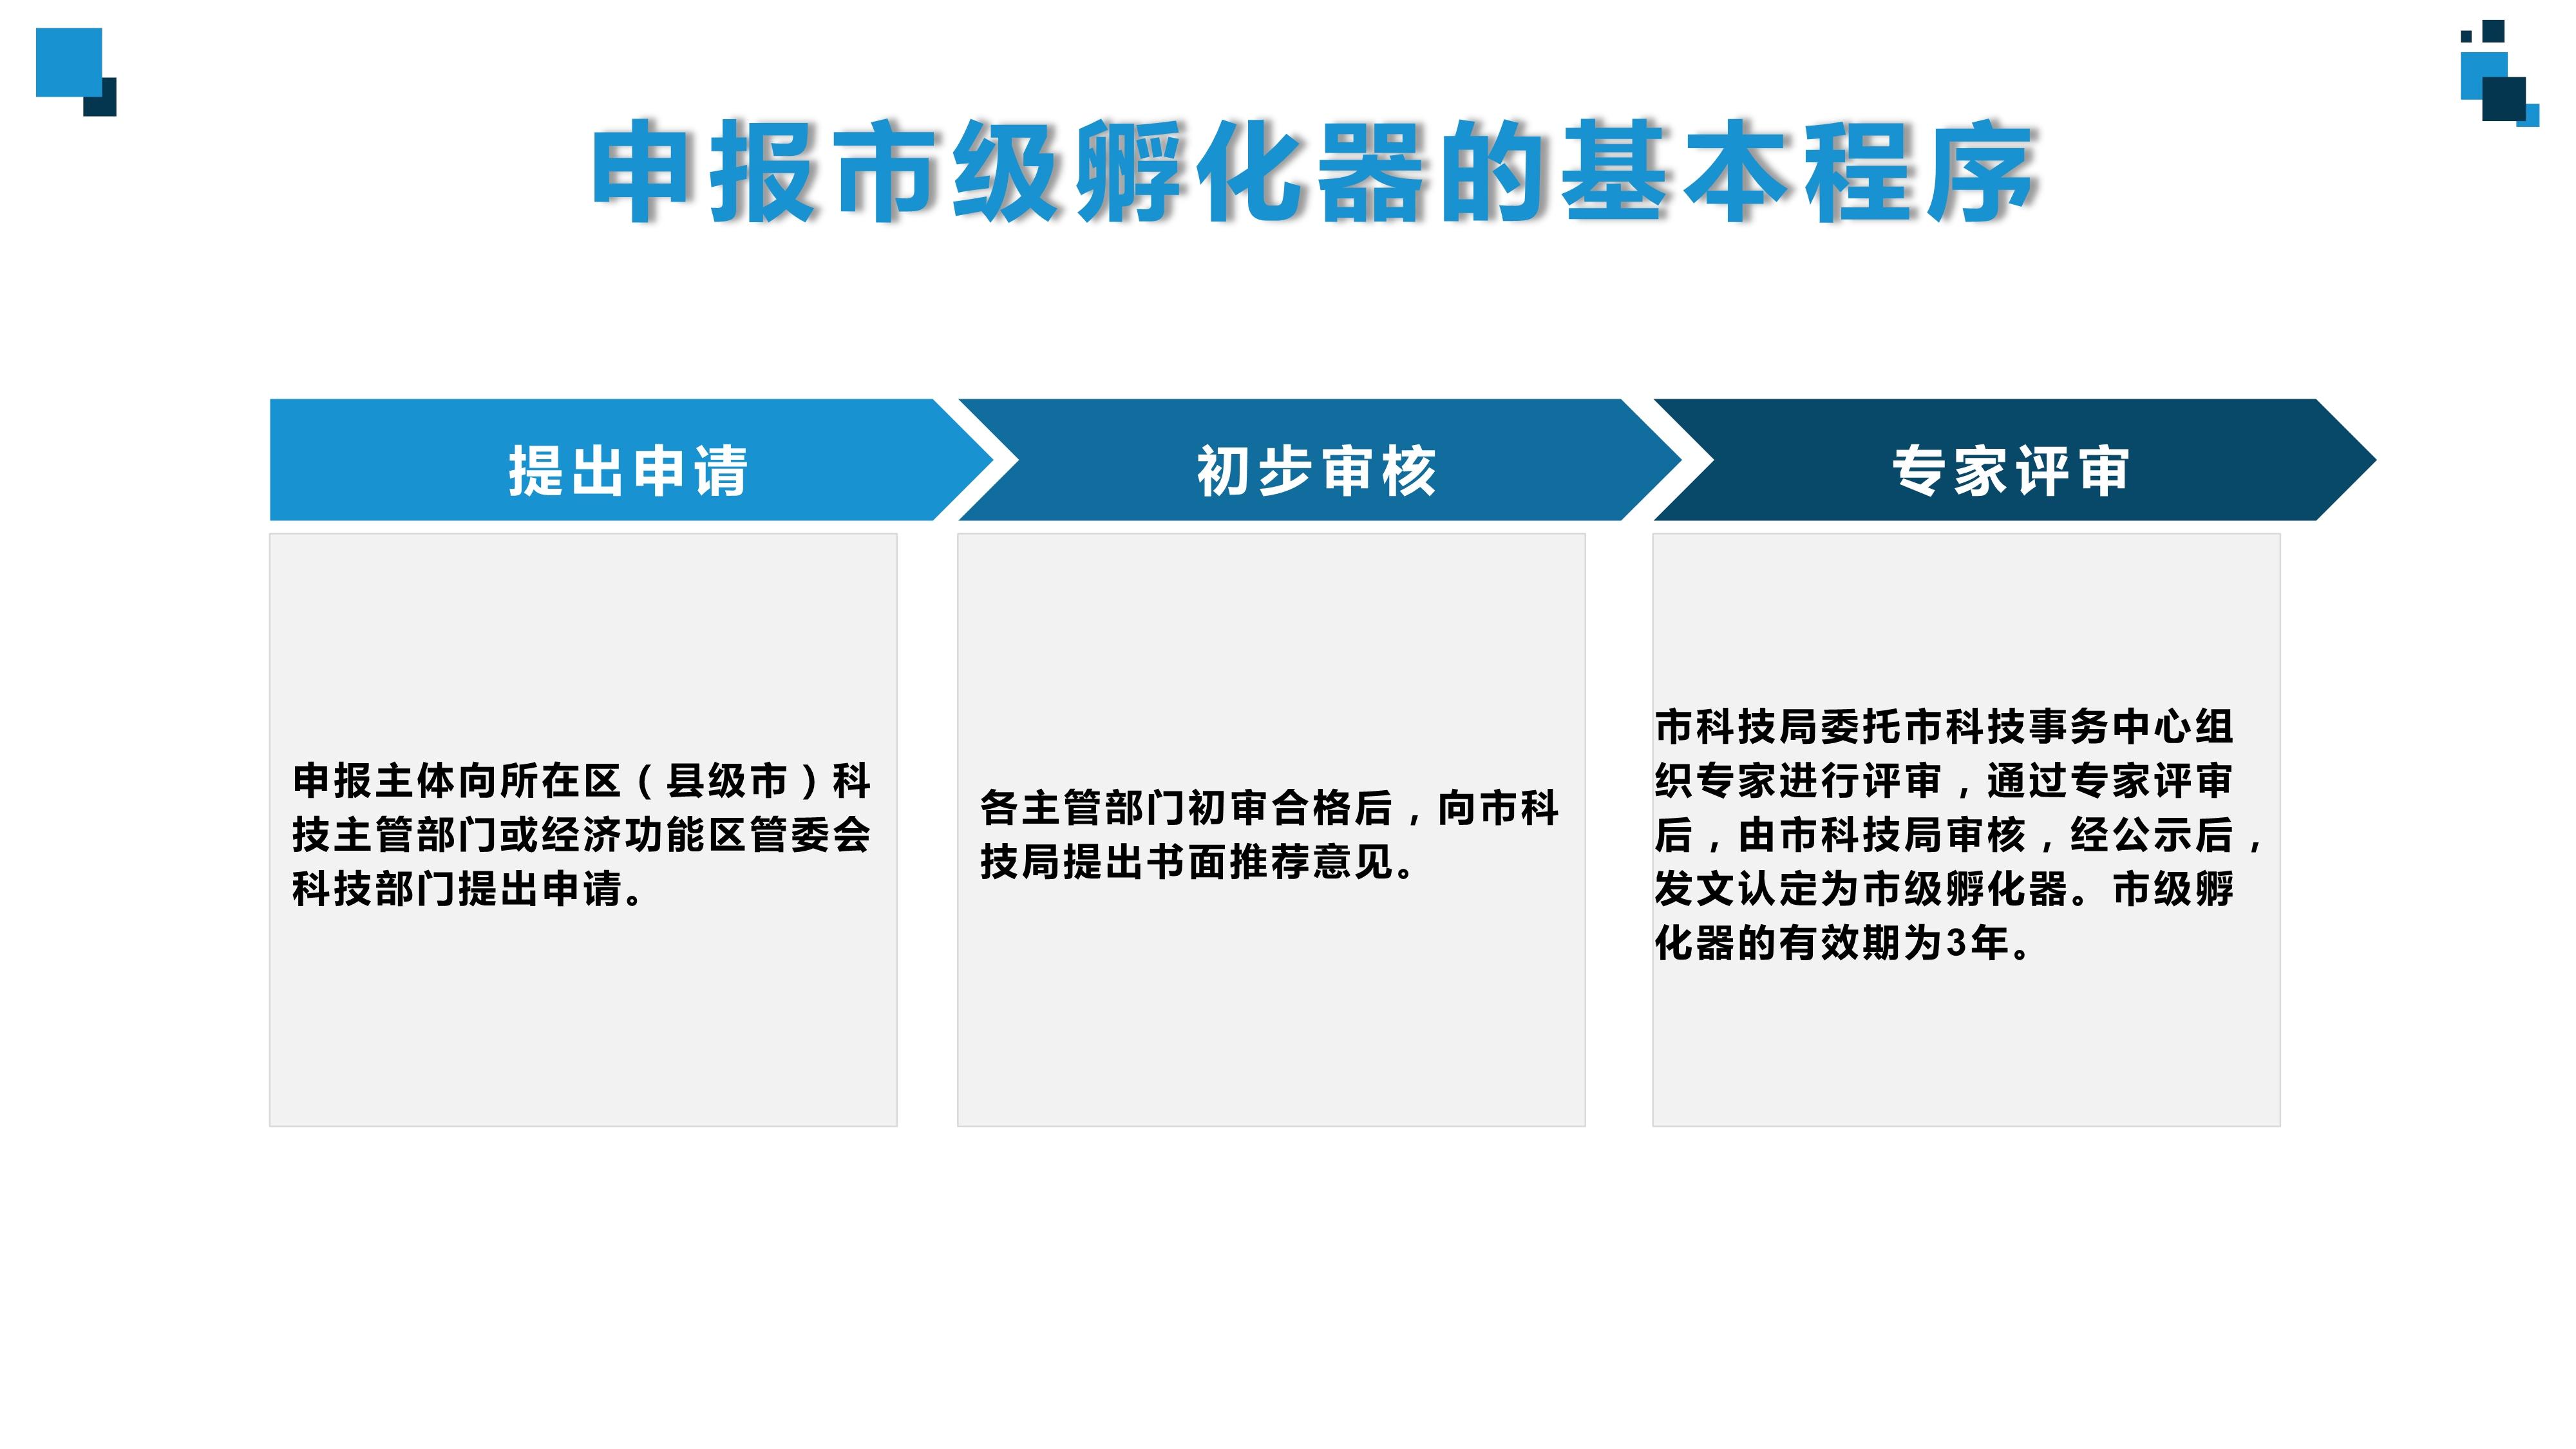 科技企业孵化器认定和管理办法-政策解读_7.jpg